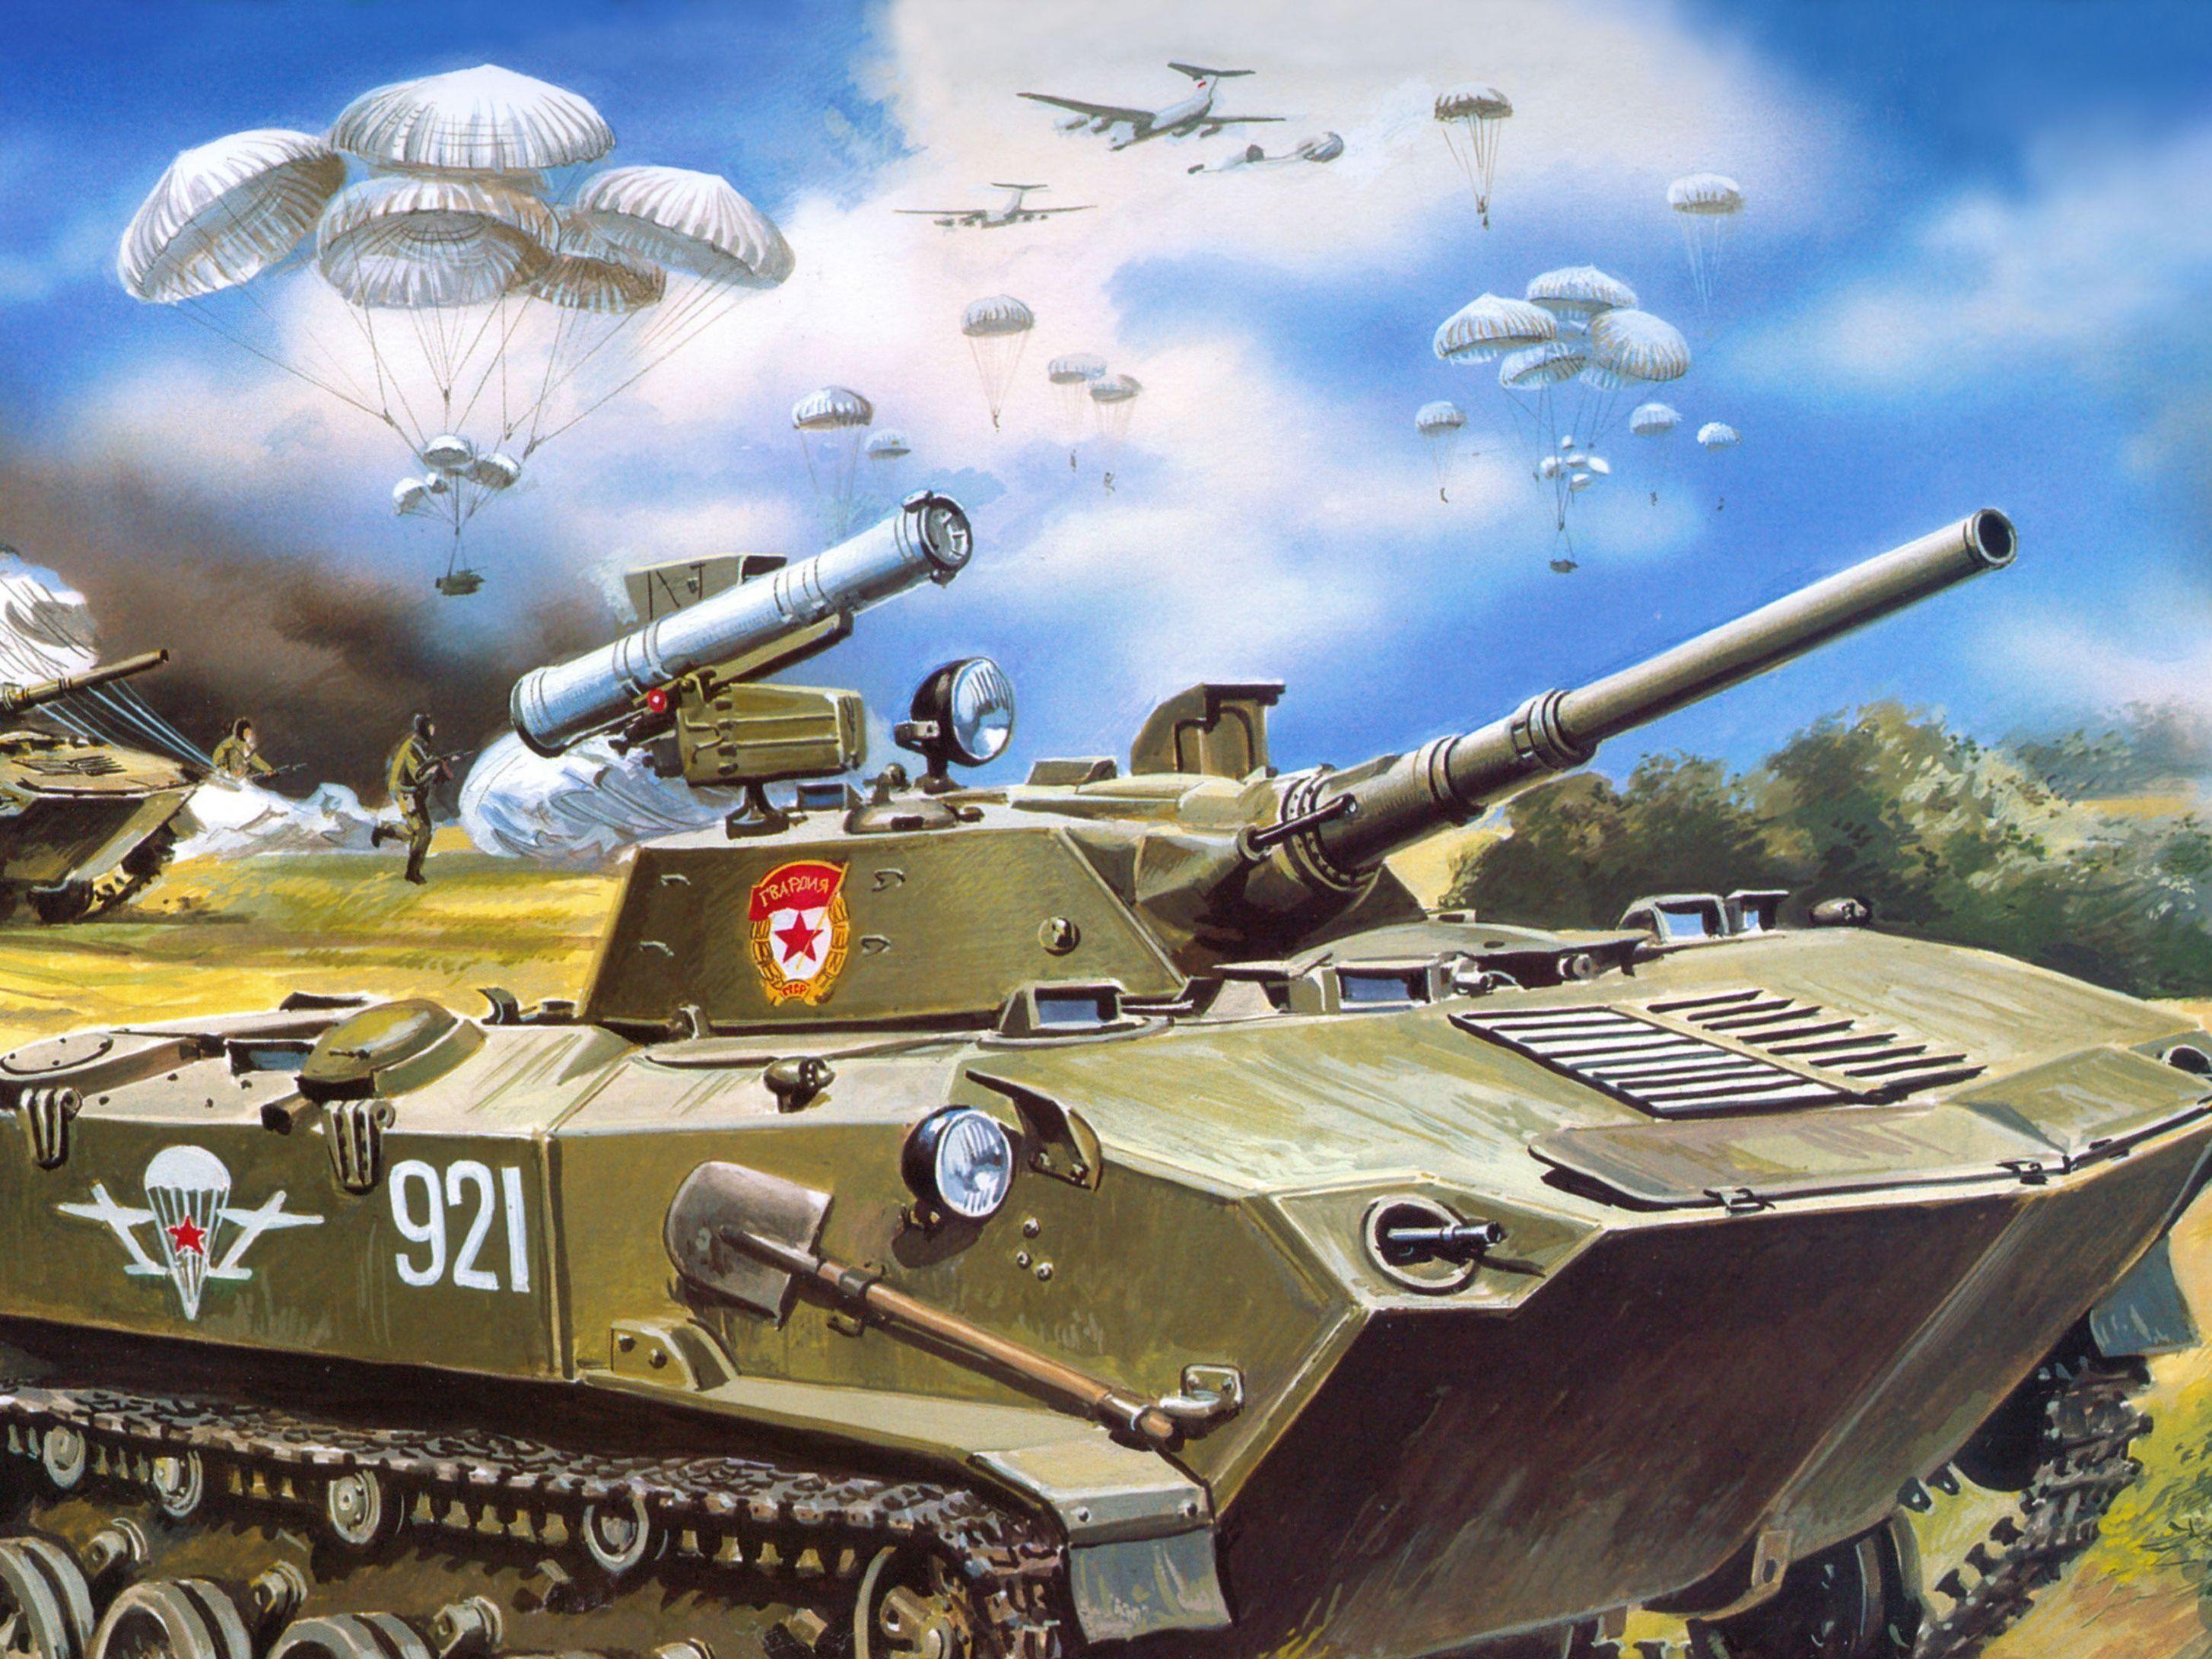 Картинки с днем рождения военный